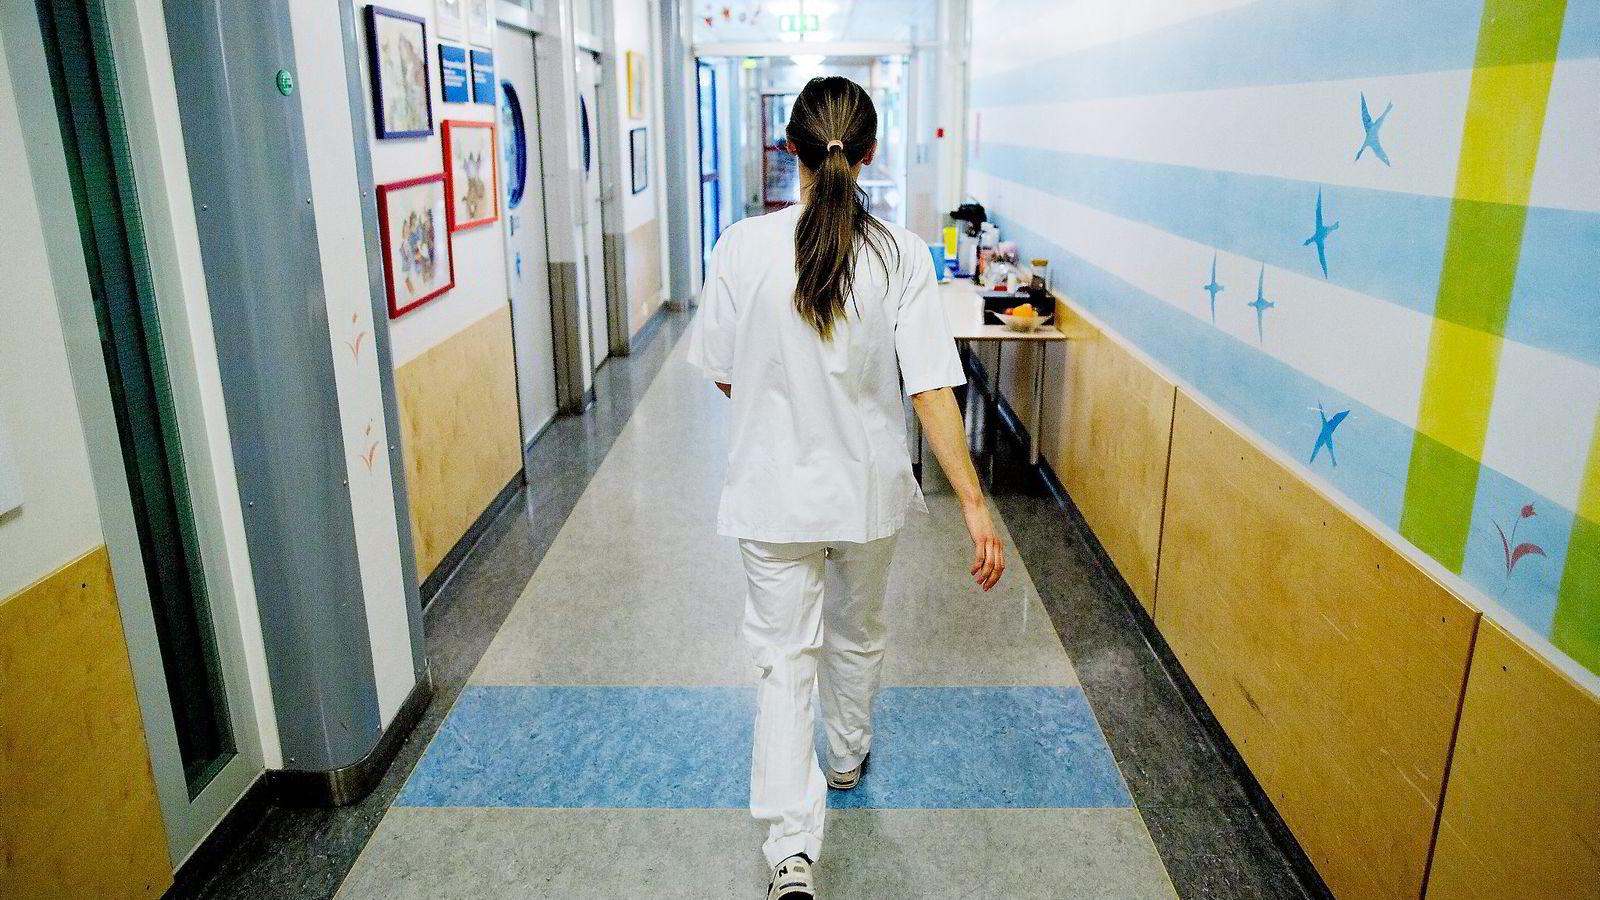 Kvinnelige mellomledere tjener fortsatt vesentlig mindre enn mannlige. Her fra Ullevål sykehus. Foto: Øyvind Elvsborg